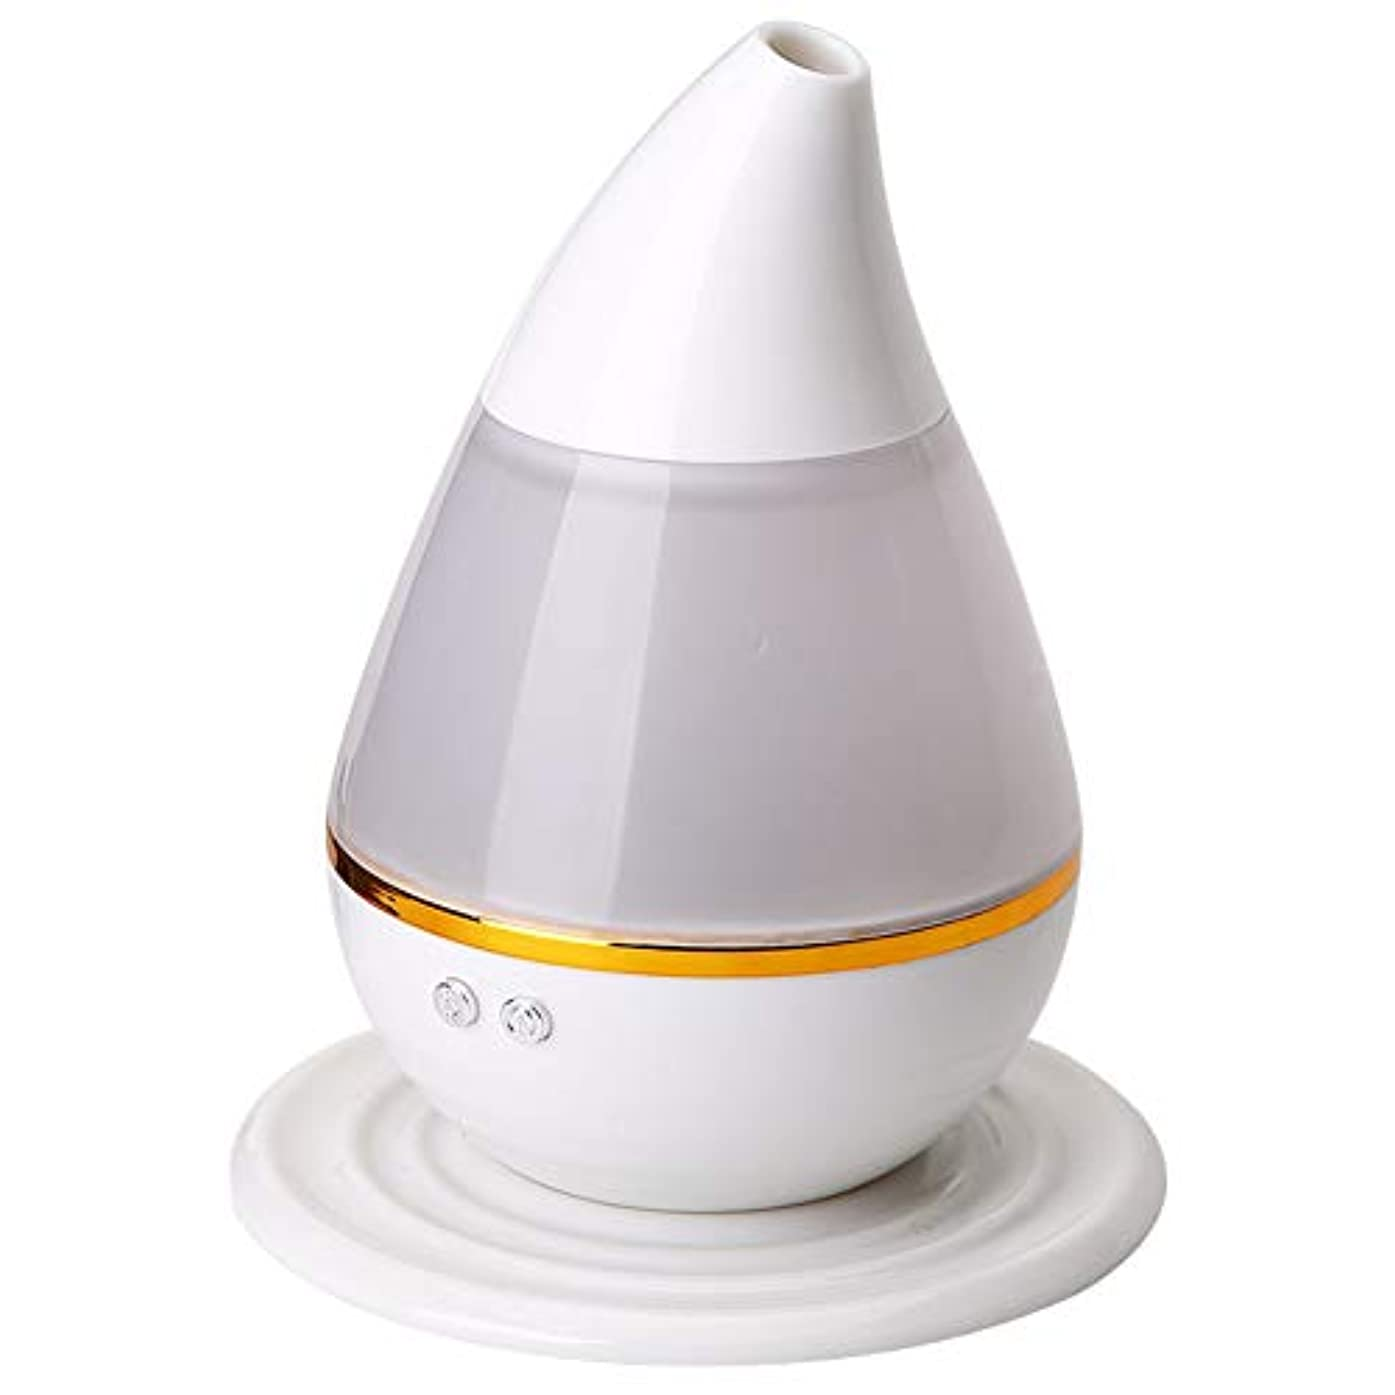 パン屋不平を言う俳句エッセンシャル オイル ディフューザー, 涼しい霧の加湿器 7色LEDムードランプ そして 自動シャットオフ アロマディフューザー の ホーム オフィス Yoga 車-ホワイト 12x15cm